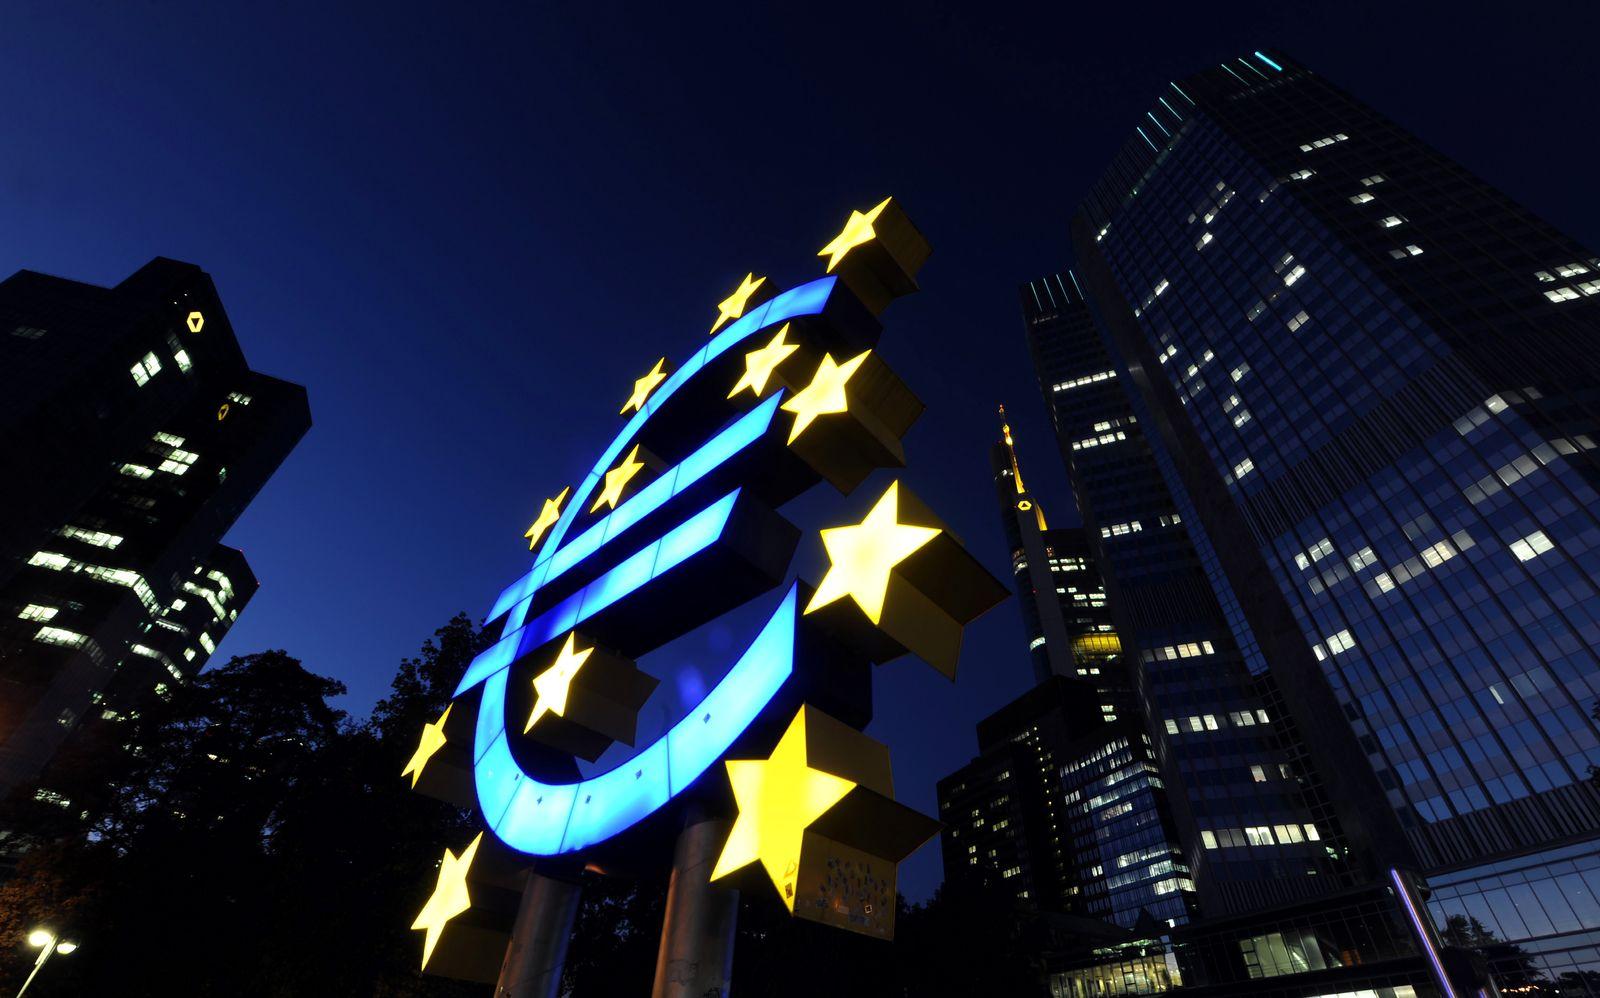 NICHT VERWENDEN EZB / Euro-Zeichen / Europa/Finanzkrise